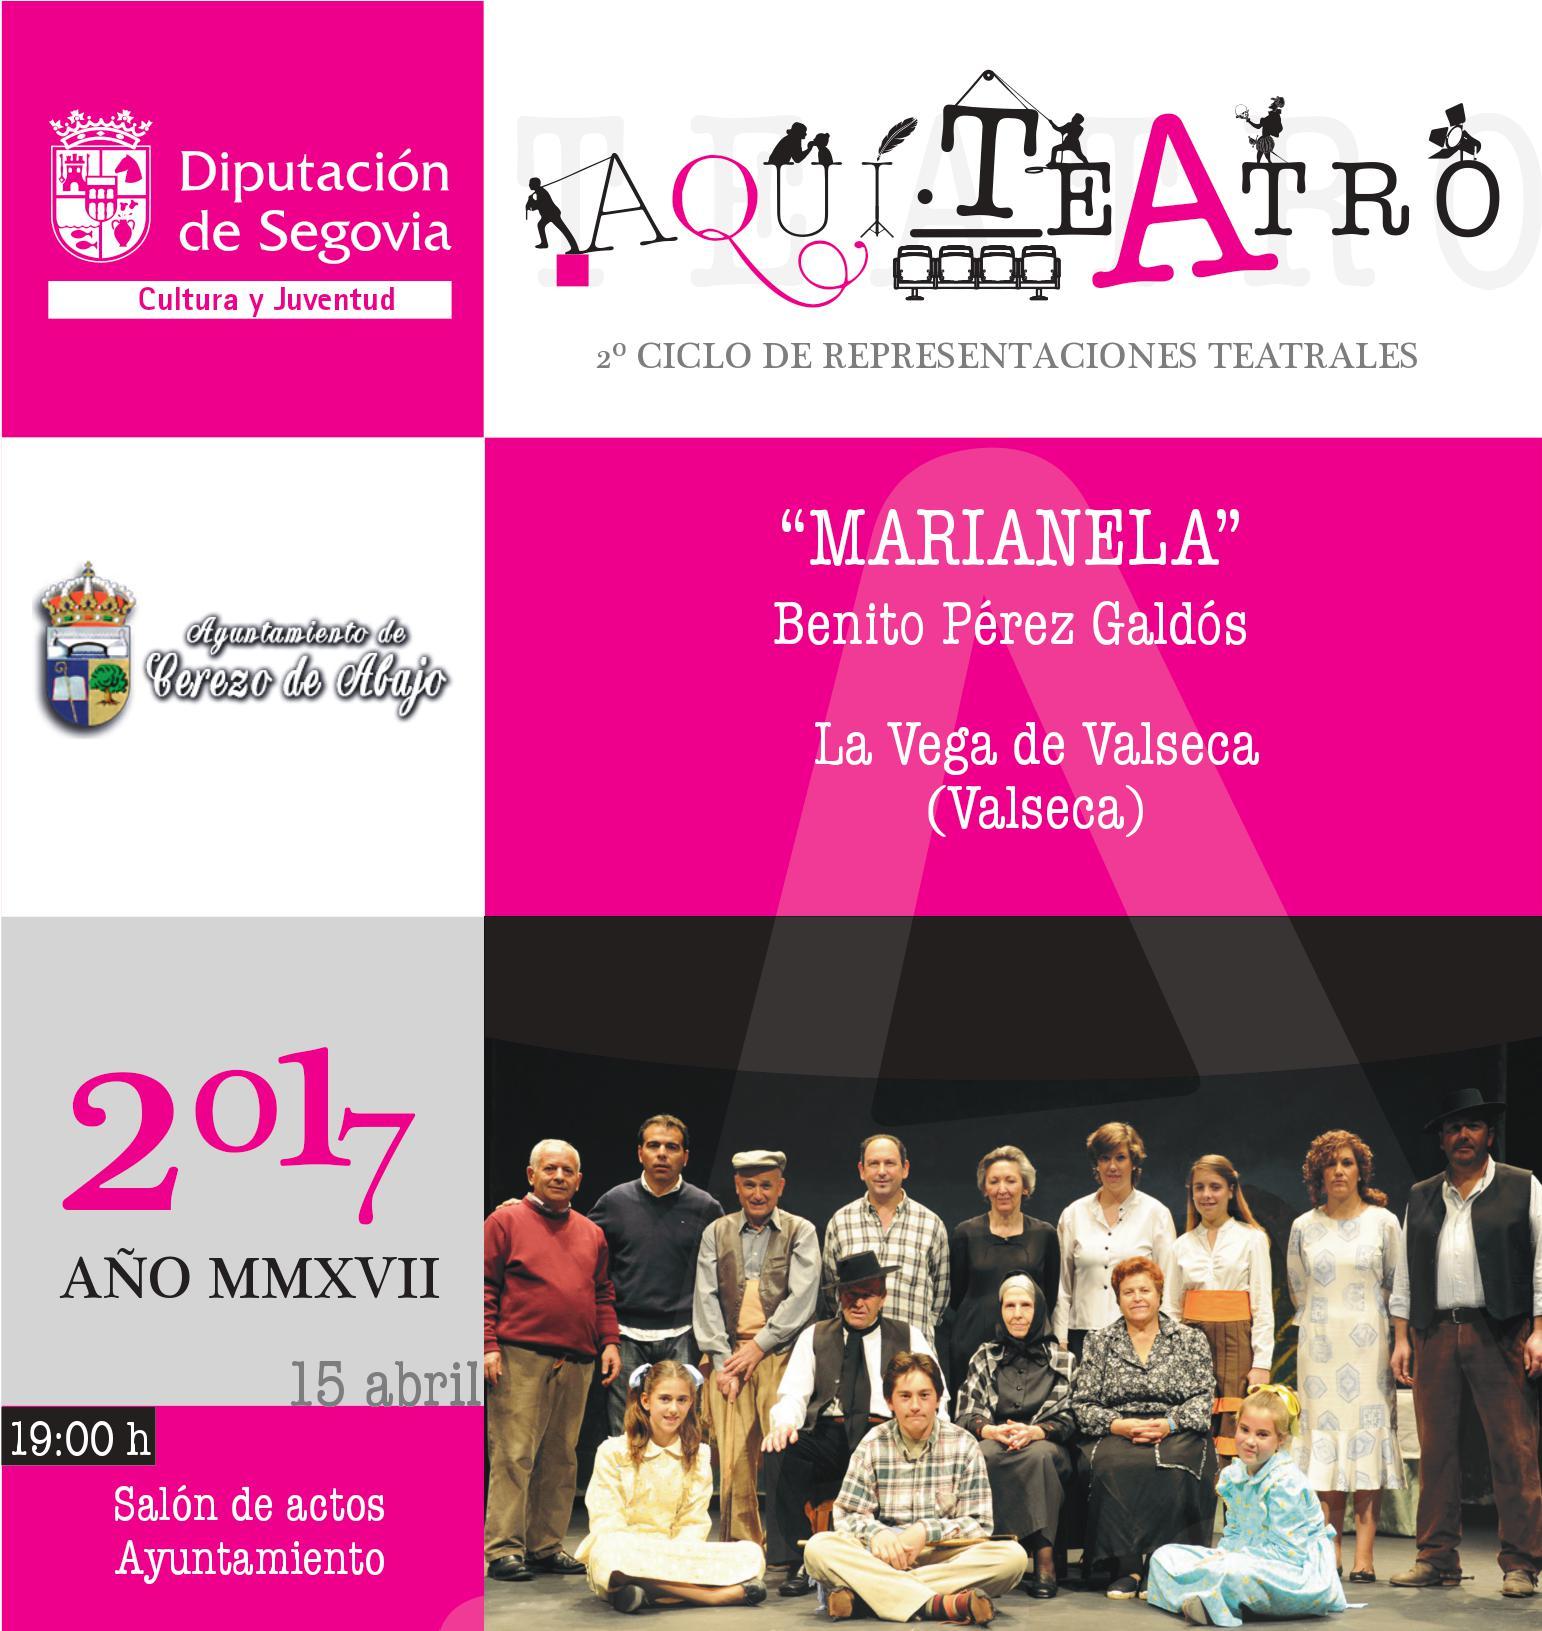 teatro-15-abril-cerezo-de-abajo-1